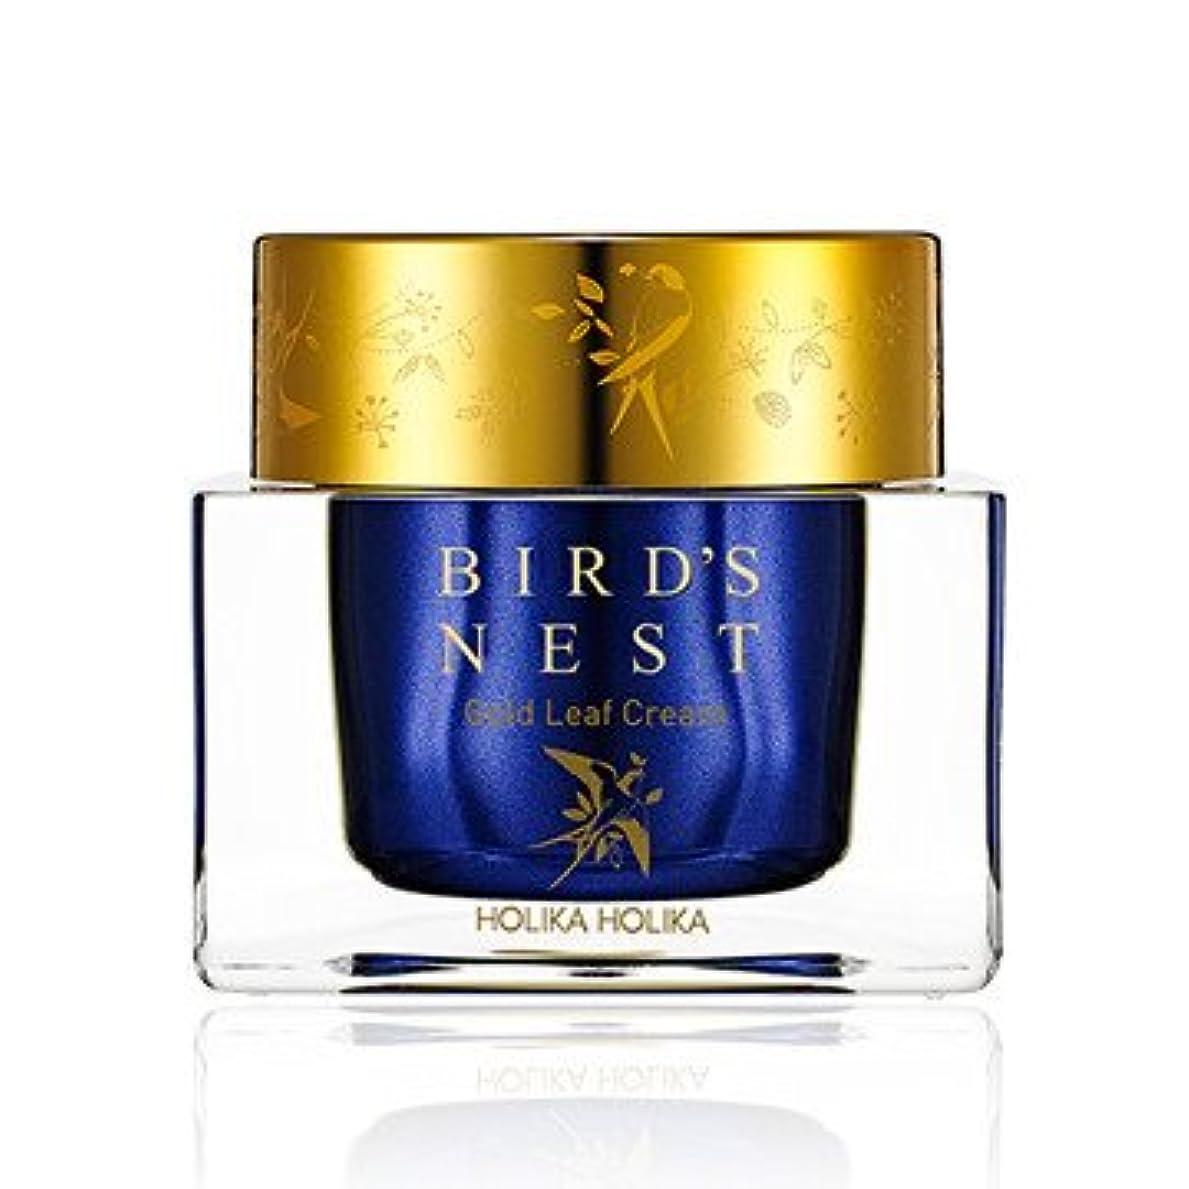 だますカニ影響力のある[2018 NEW] ホリカホリカ プライムユース バーズネスト ゴールドリーフ クリーム/Holika Holika Prime Youth Birds Nest Gold Leaf Cream 55ml [並行輸入品]